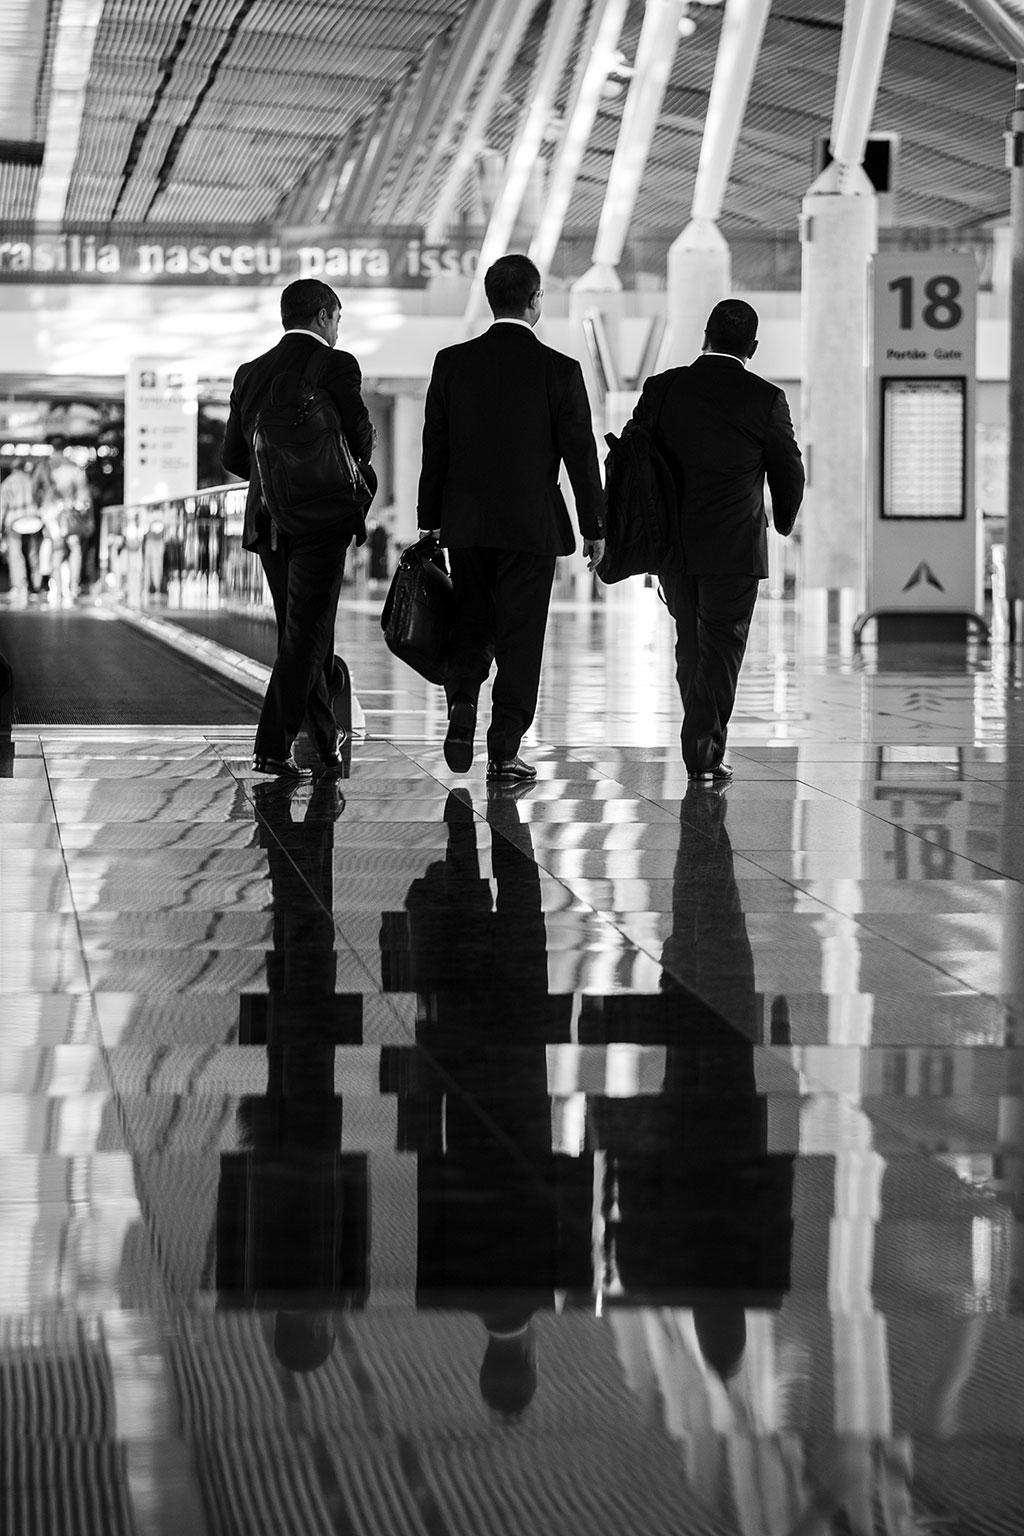 Командировка, © Фабио Рибейро Масиэль, Фотоконкурс Ikei